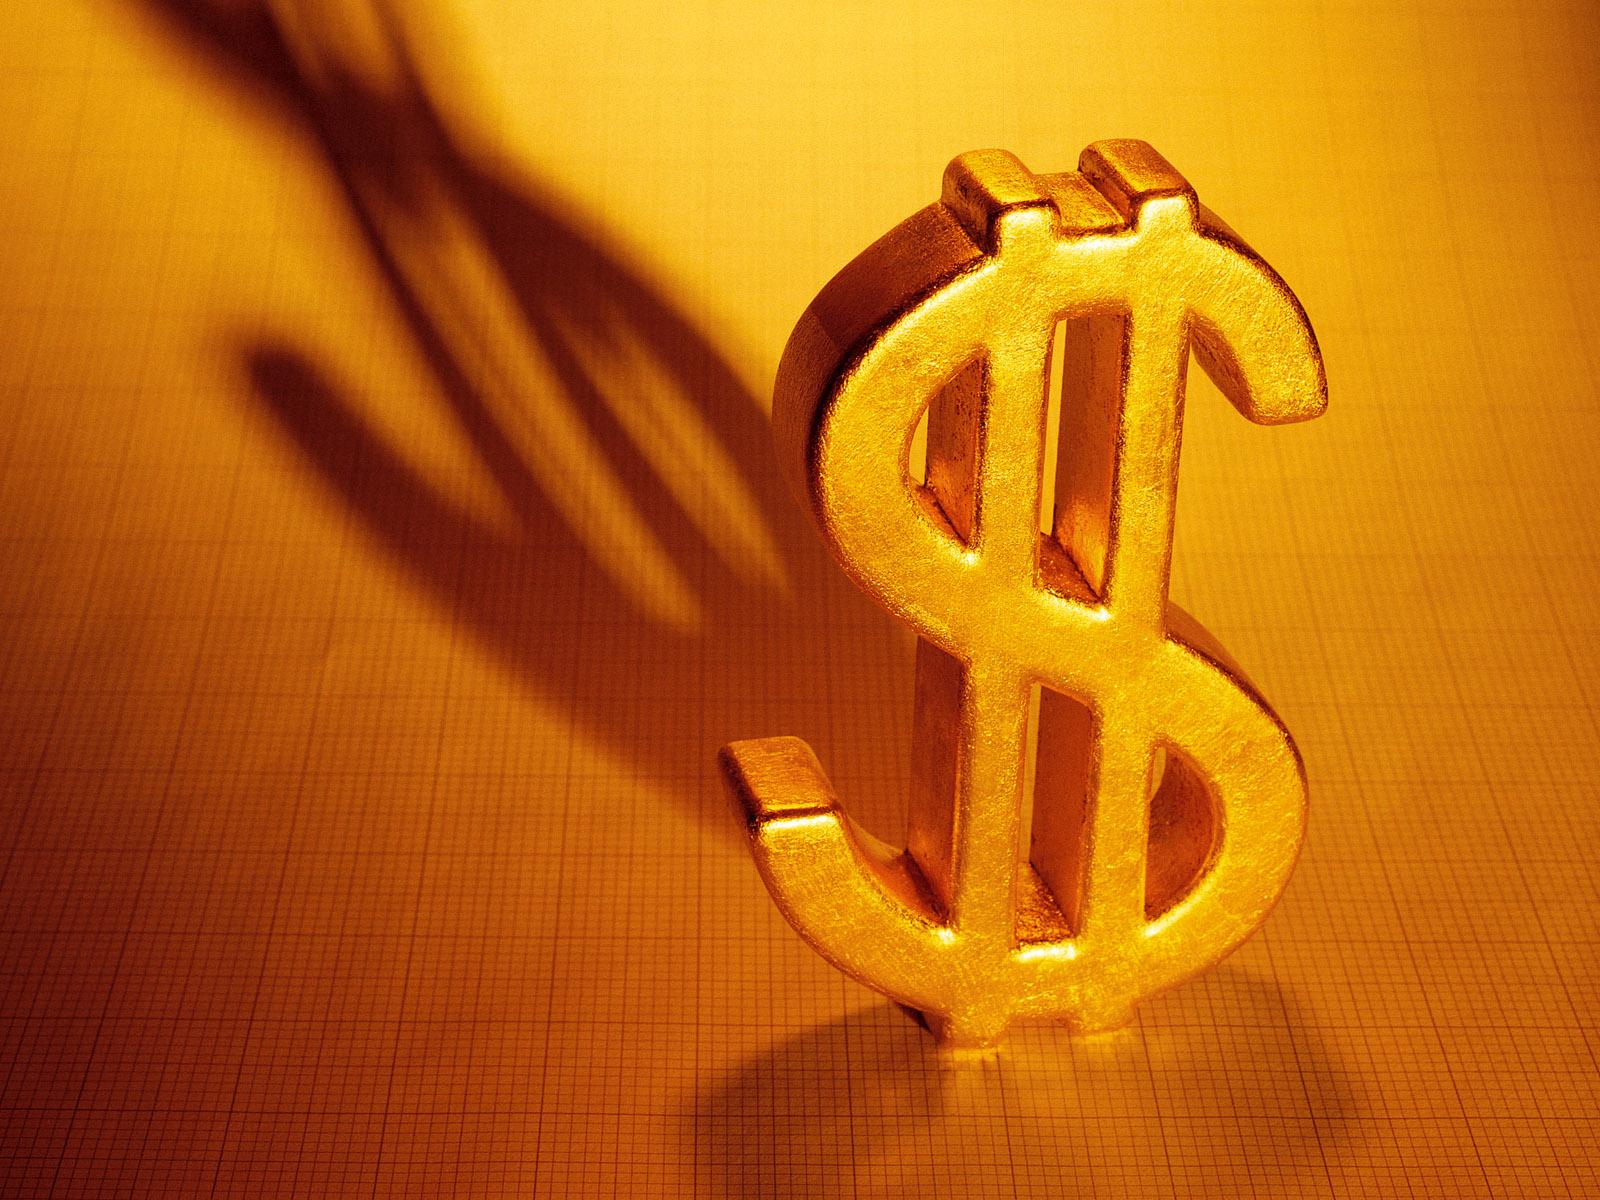 золотой доллар, скачать фото, обои для рабочего стола